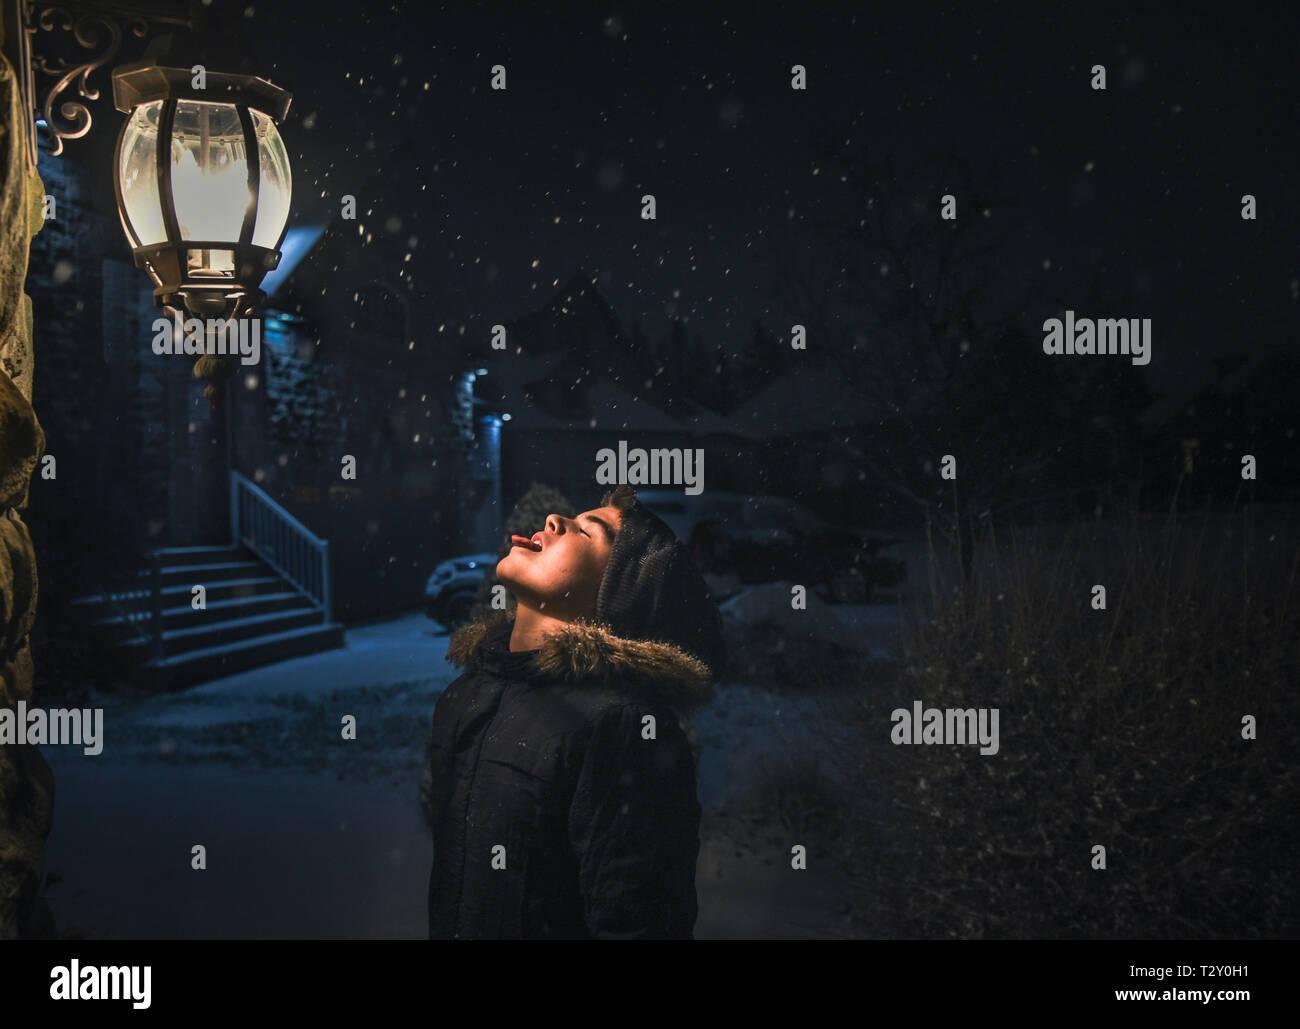 Ragazzo cattura i fiocchi di neve sulla sua linguetta accanto a una luce su una notte nevosa Foto Stock